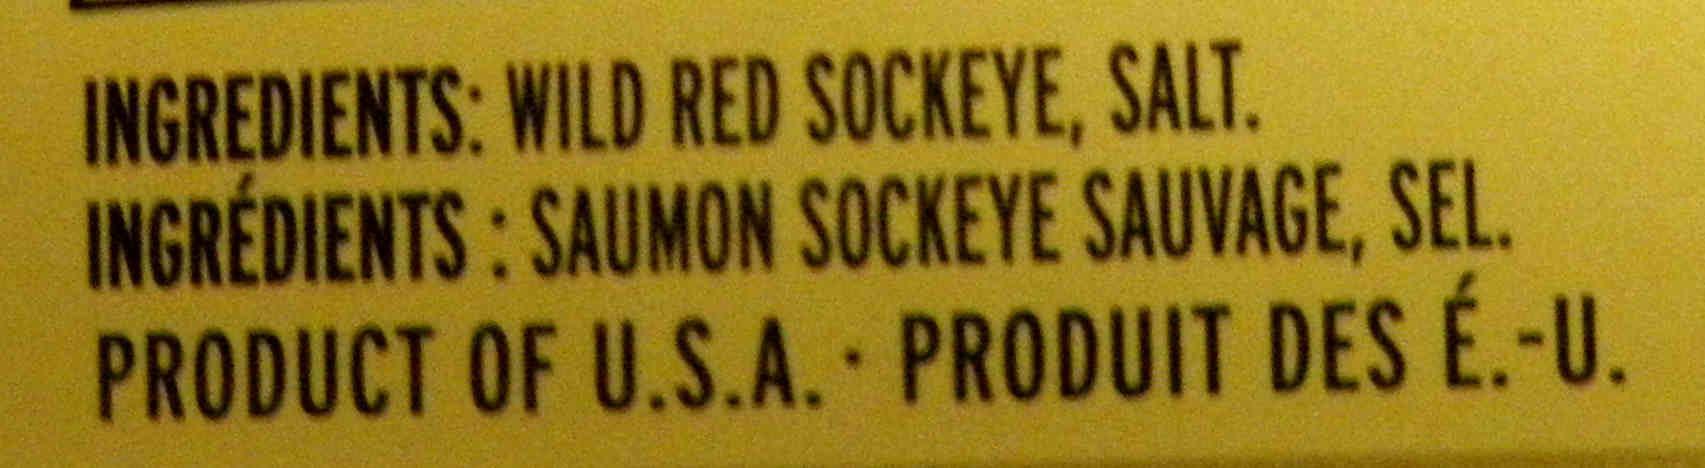 Saumon Sockeye - Ingredients - en